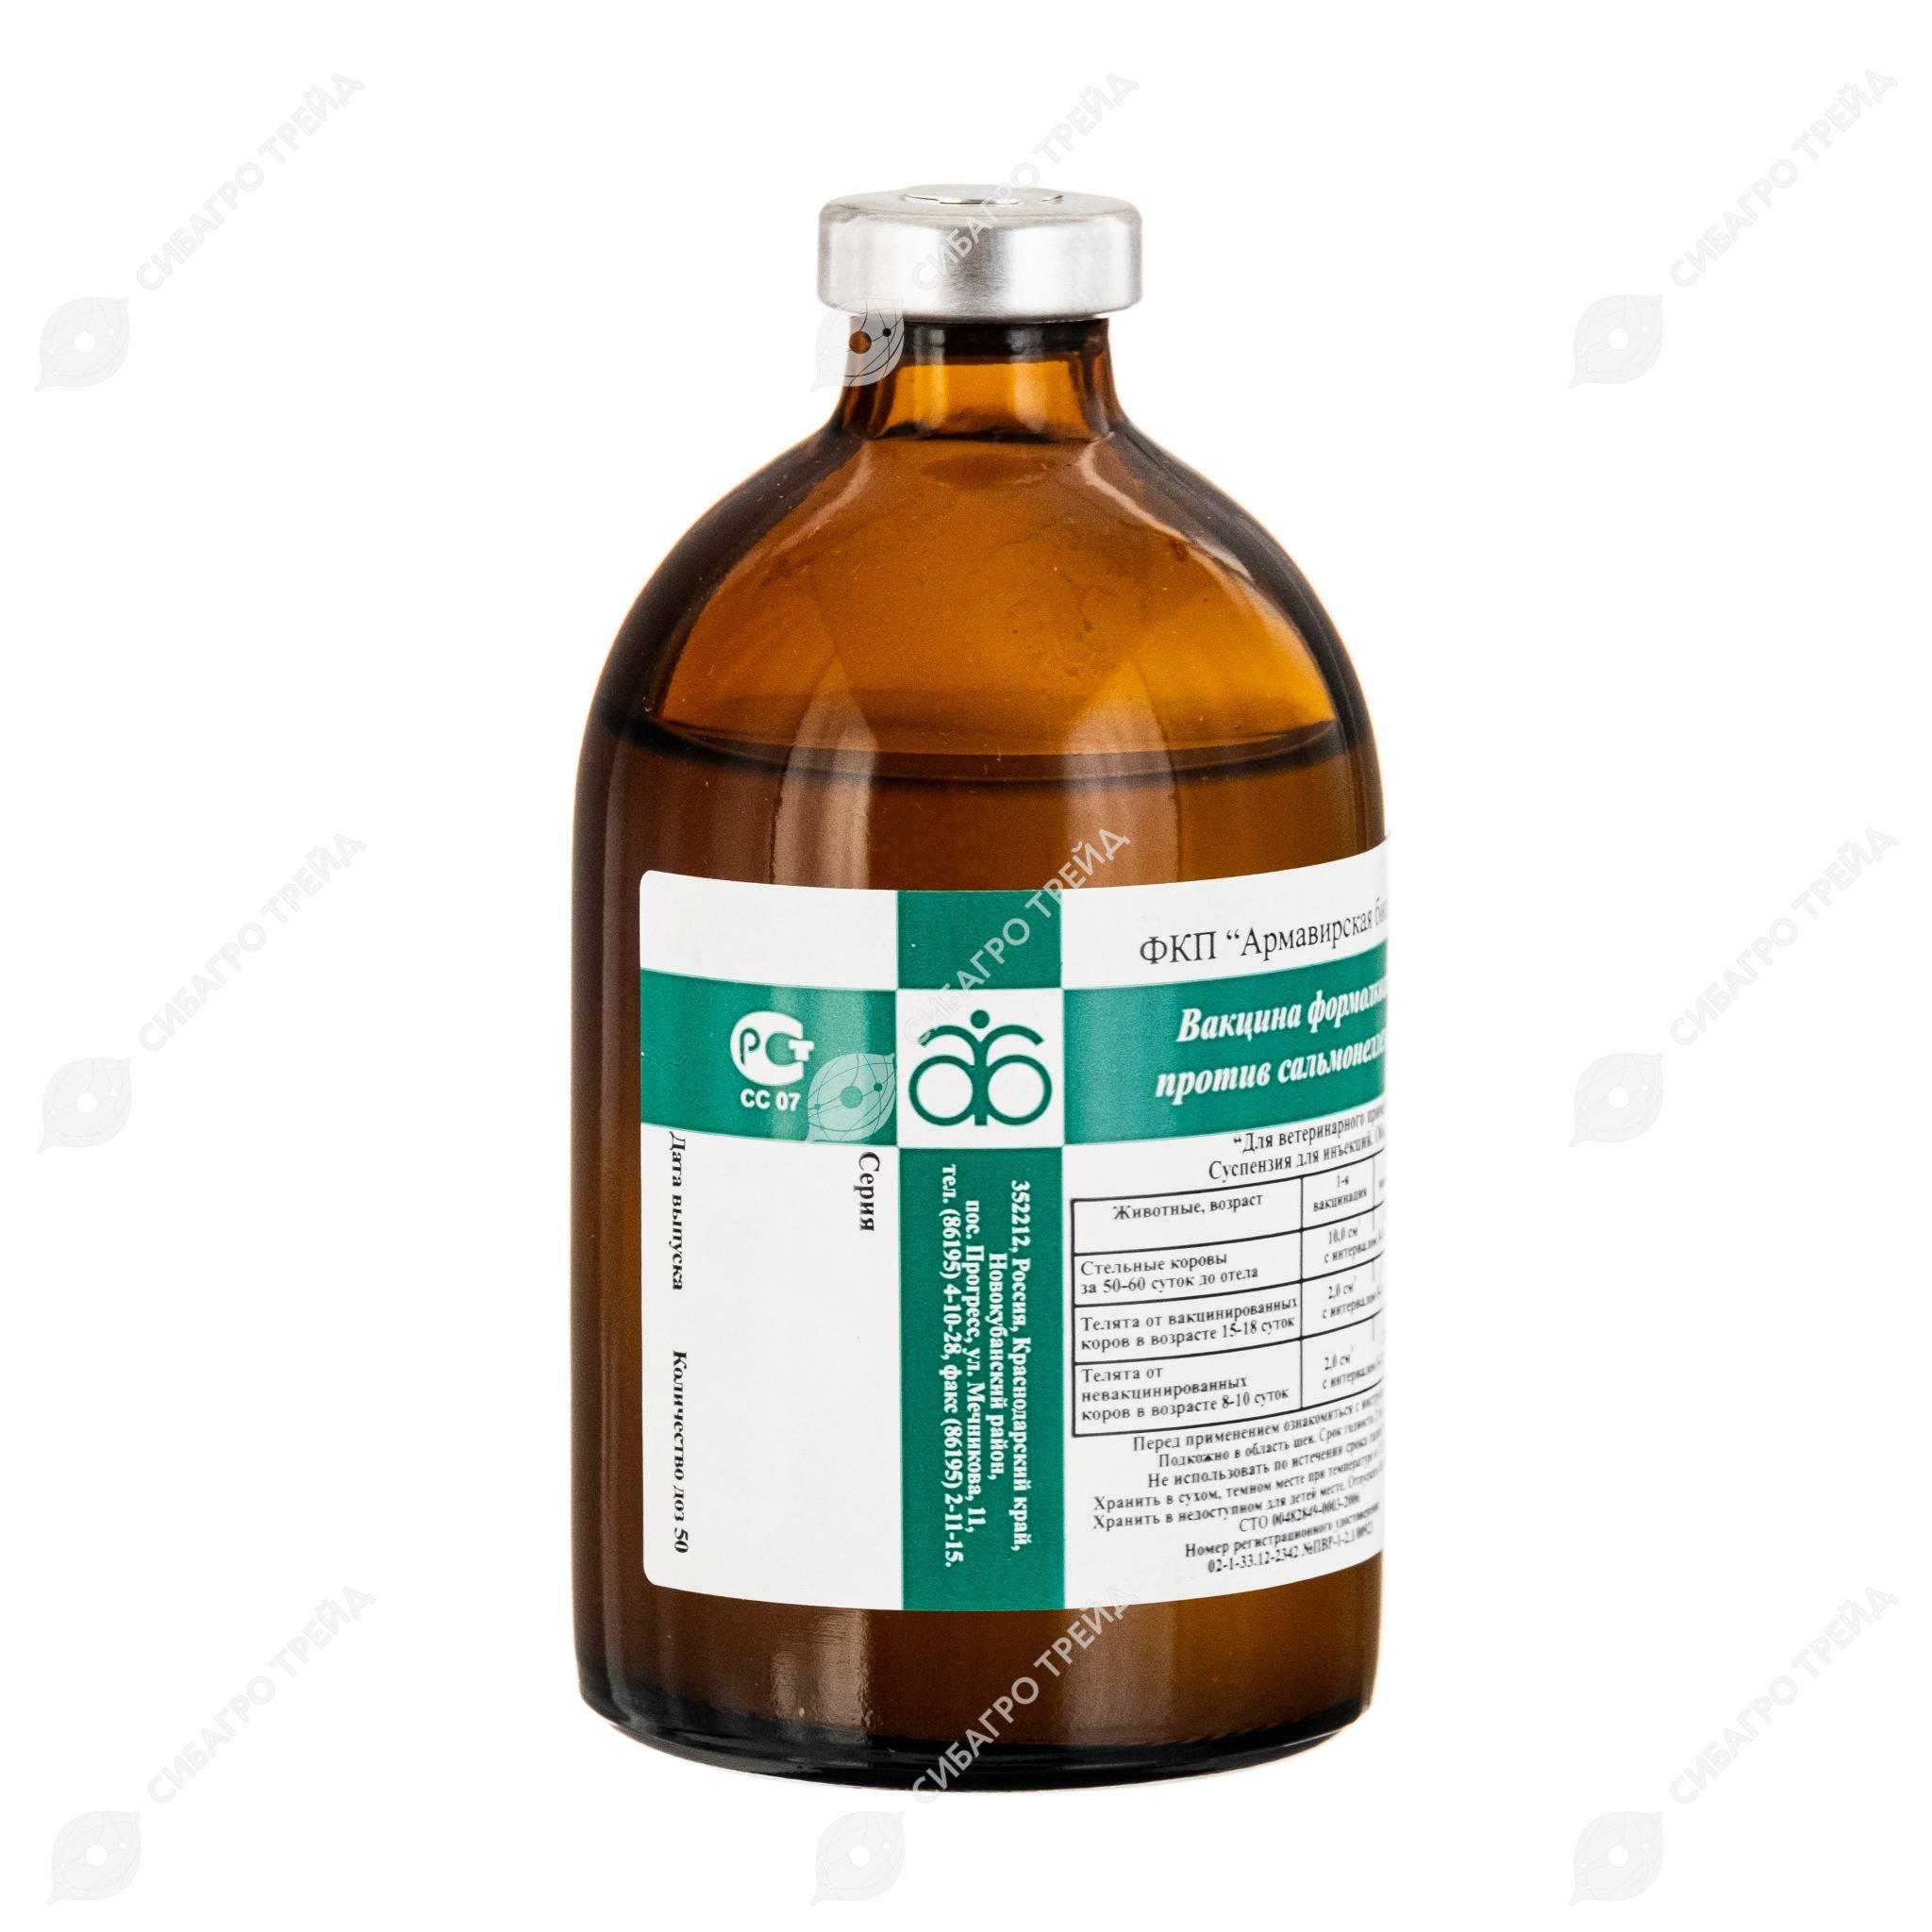 Вакцина против сальмонеллеза телят формолквасцовая для профилактики